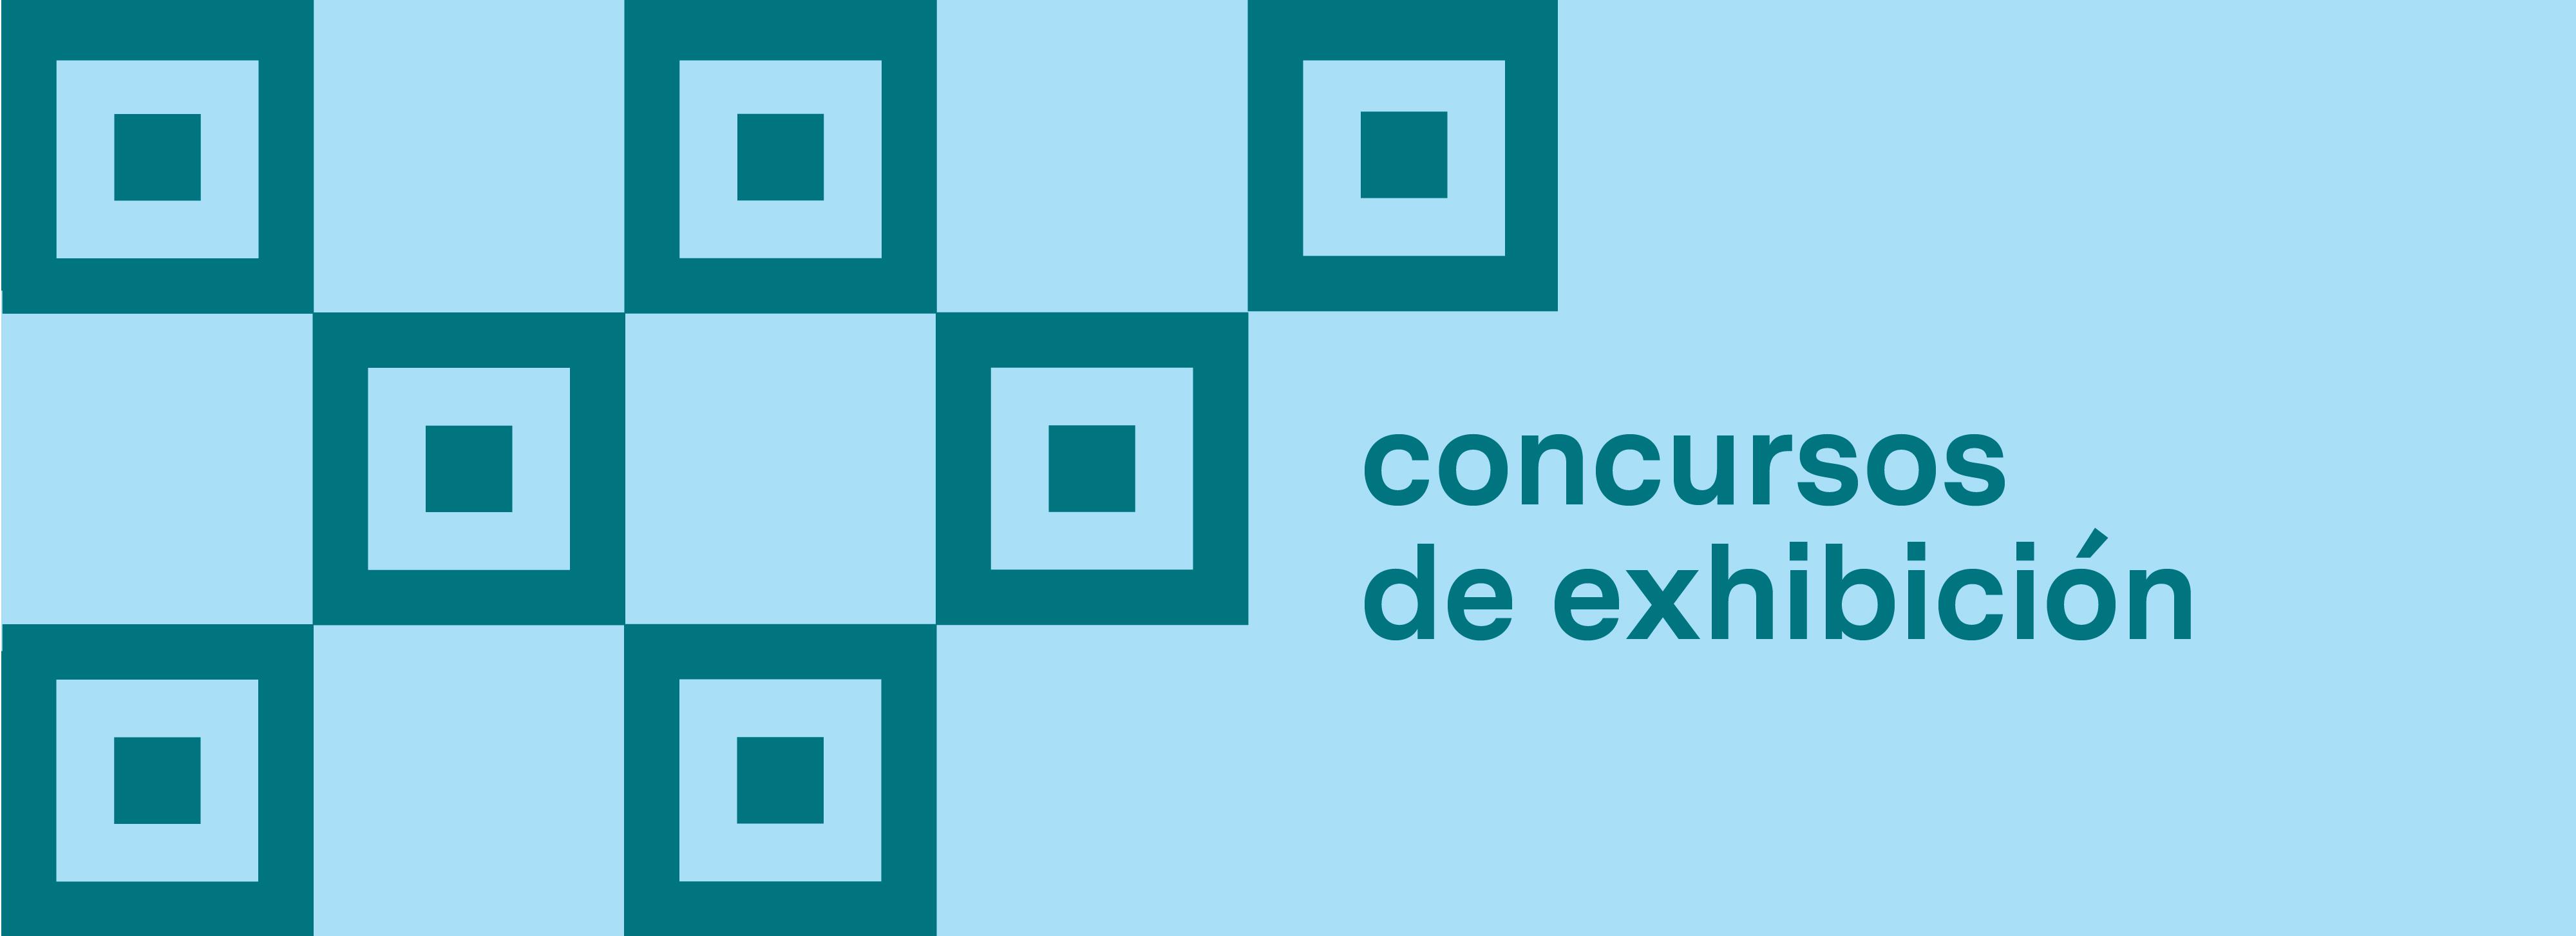 concursos-de-exhibicion-large-01